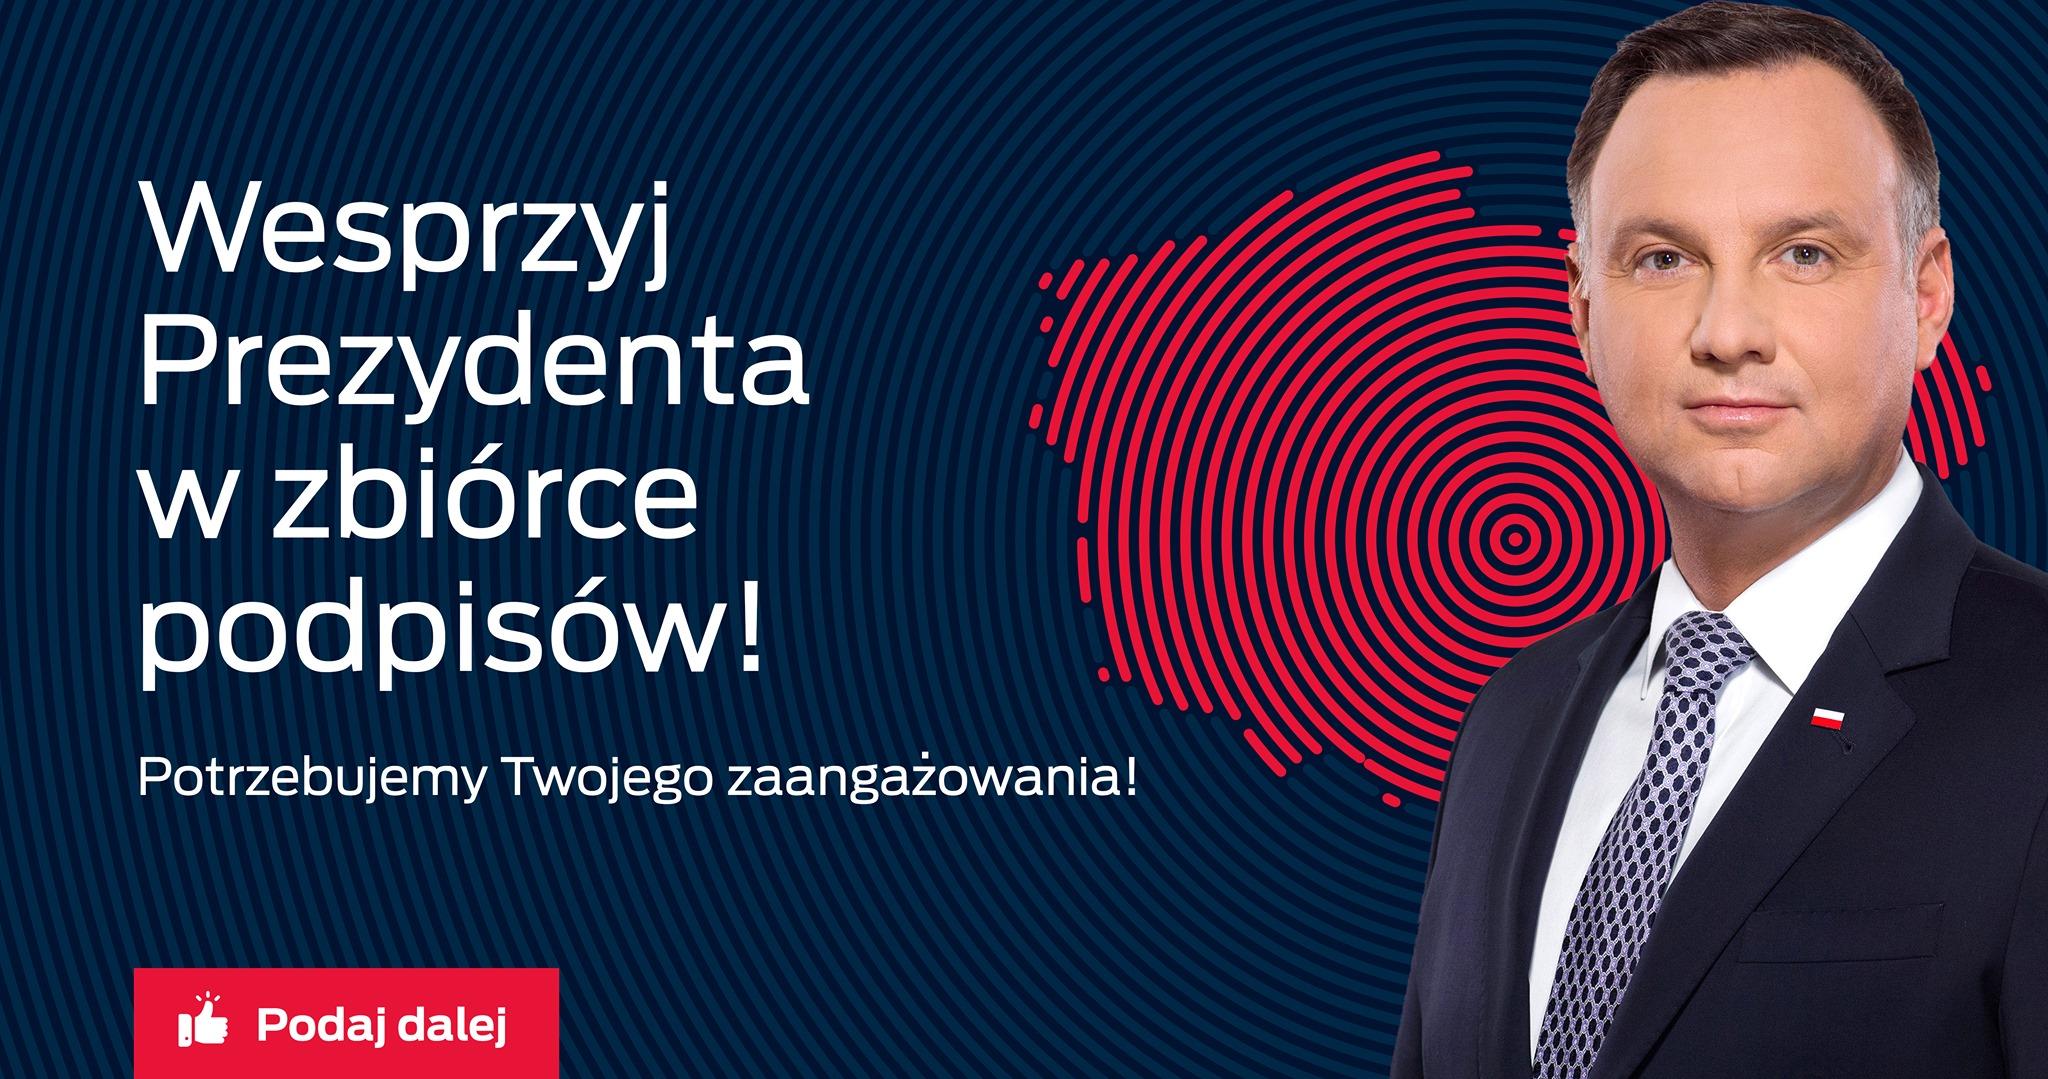 Wesprzyj Prezydenta Andrzeja Dudę